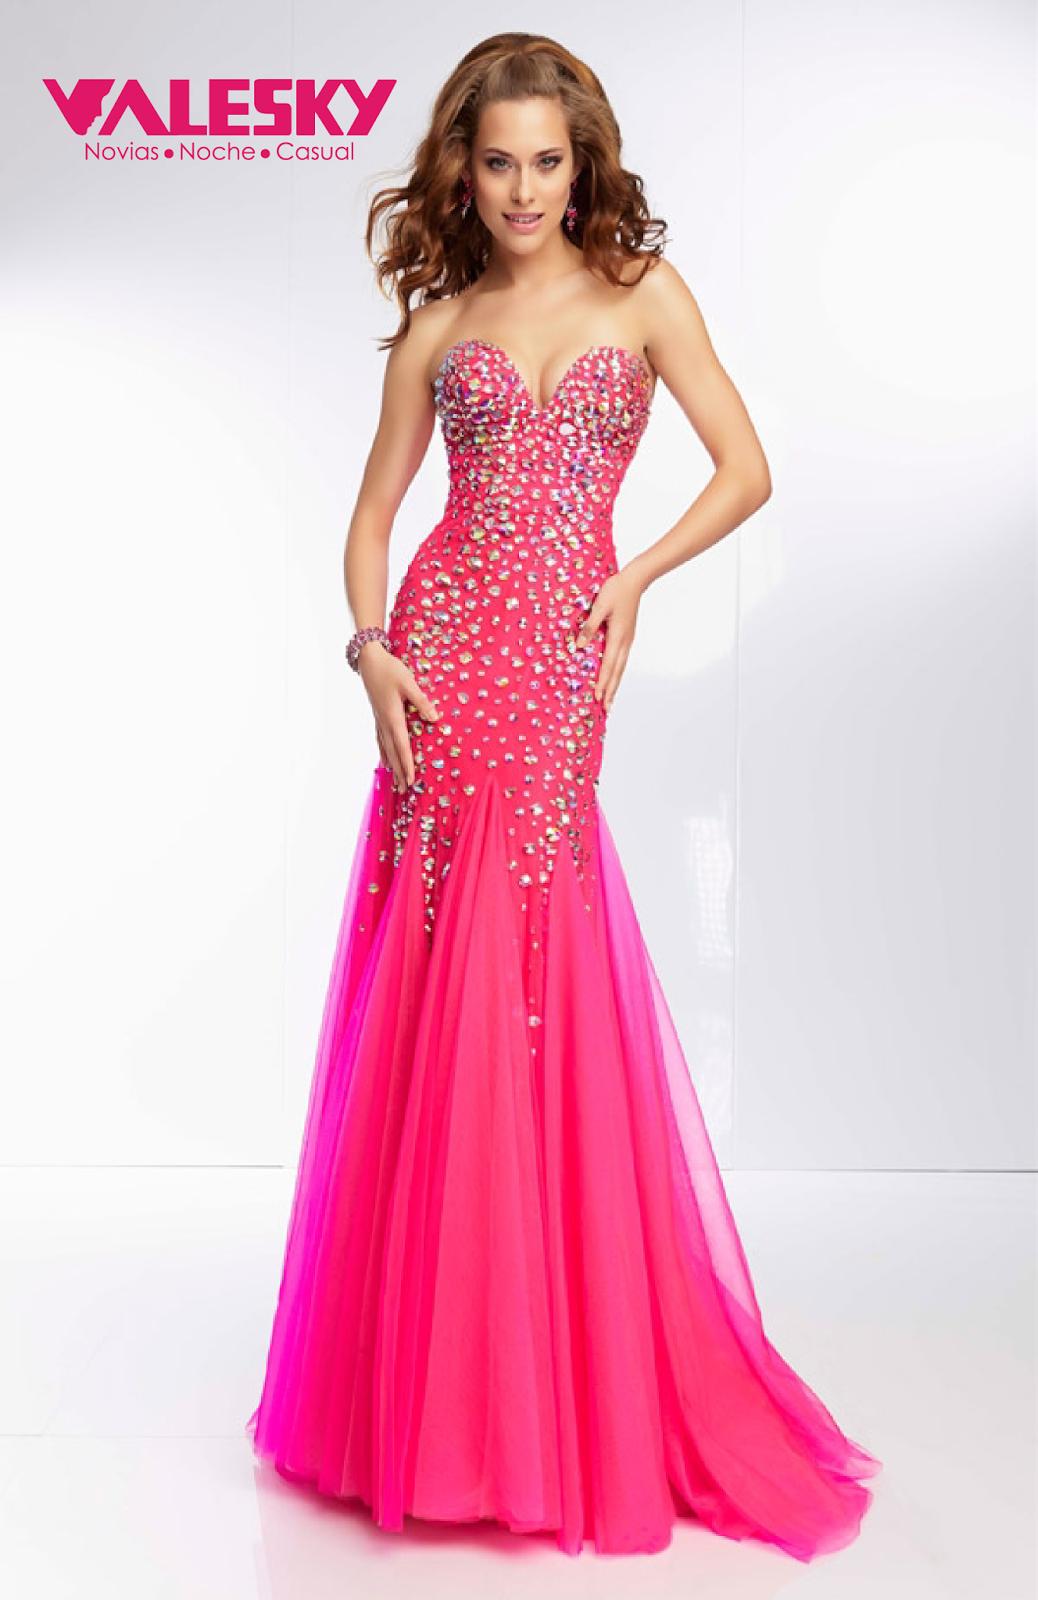 Boutique Valesky: Elige tu vestido de graduación según tu tono de piel